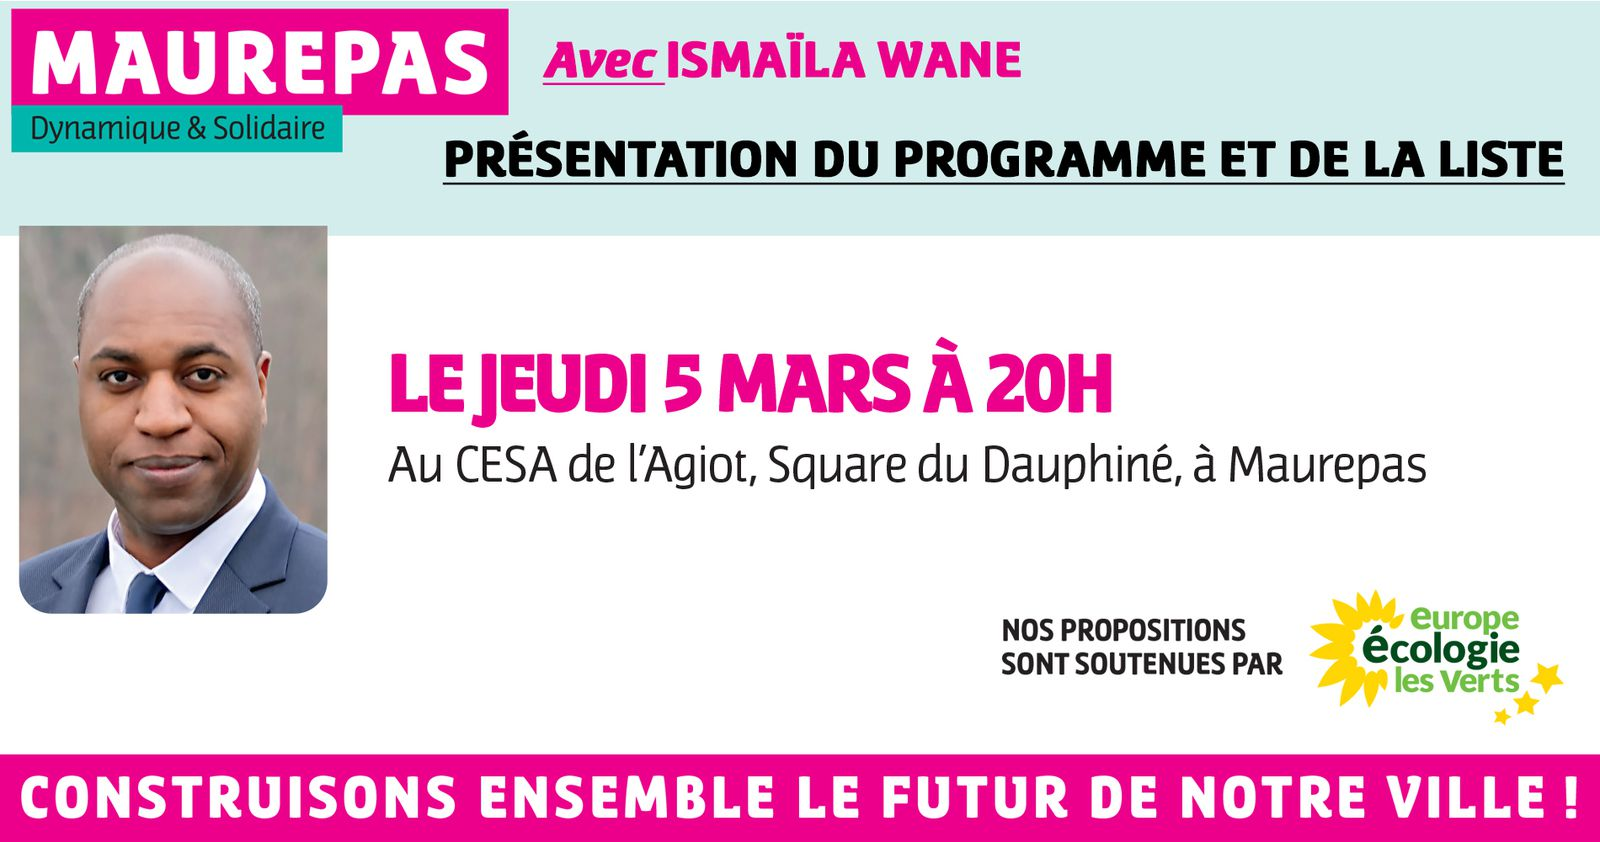 5 mars 2020, présentation du programme et de la liste